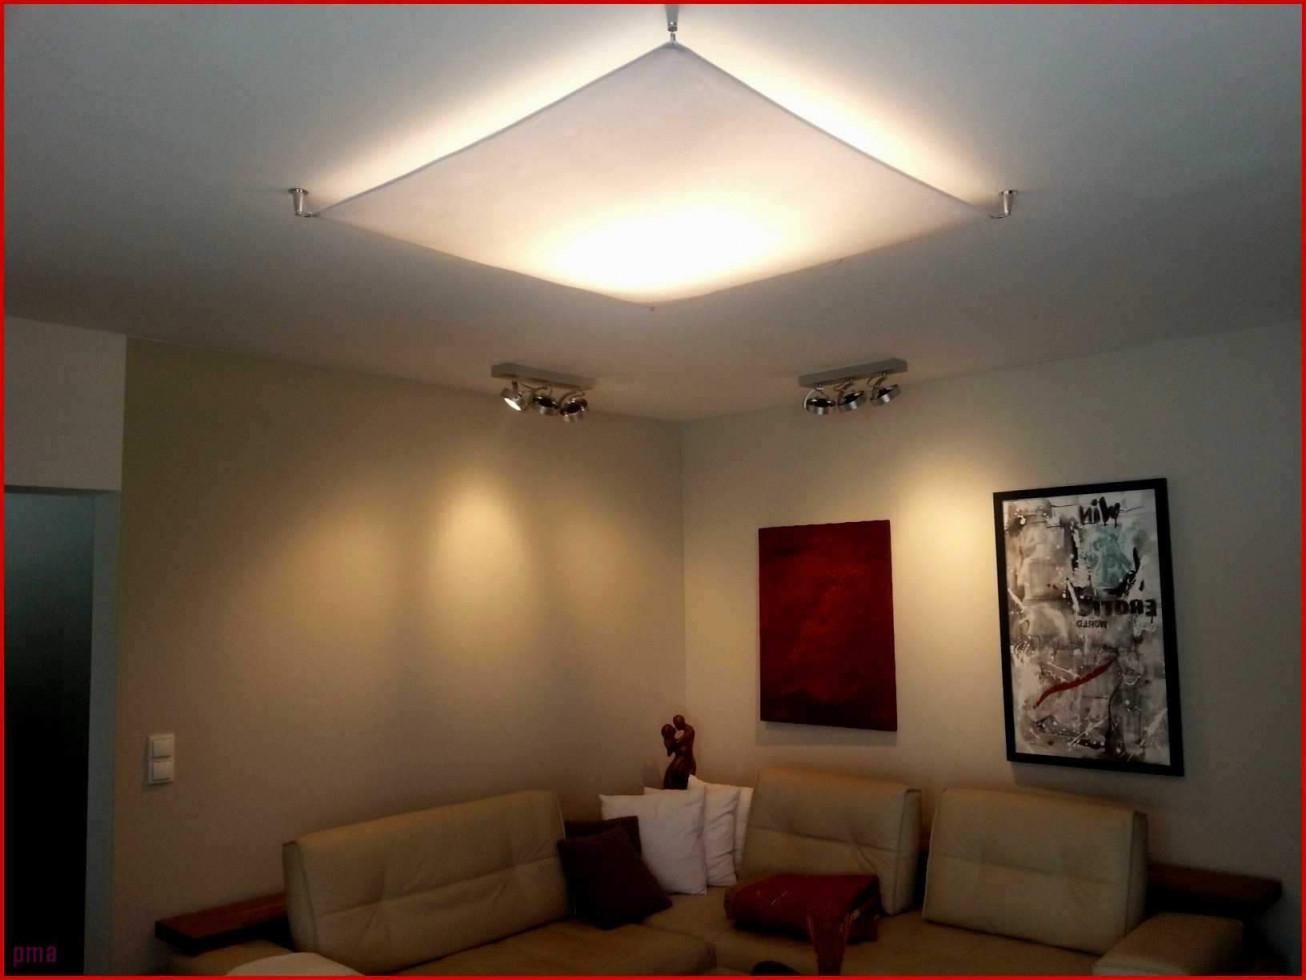 Wohnzimmer Design Deckenleuchte – Caseconrad von Deckenleuchte Wohnzimmer Design Bild